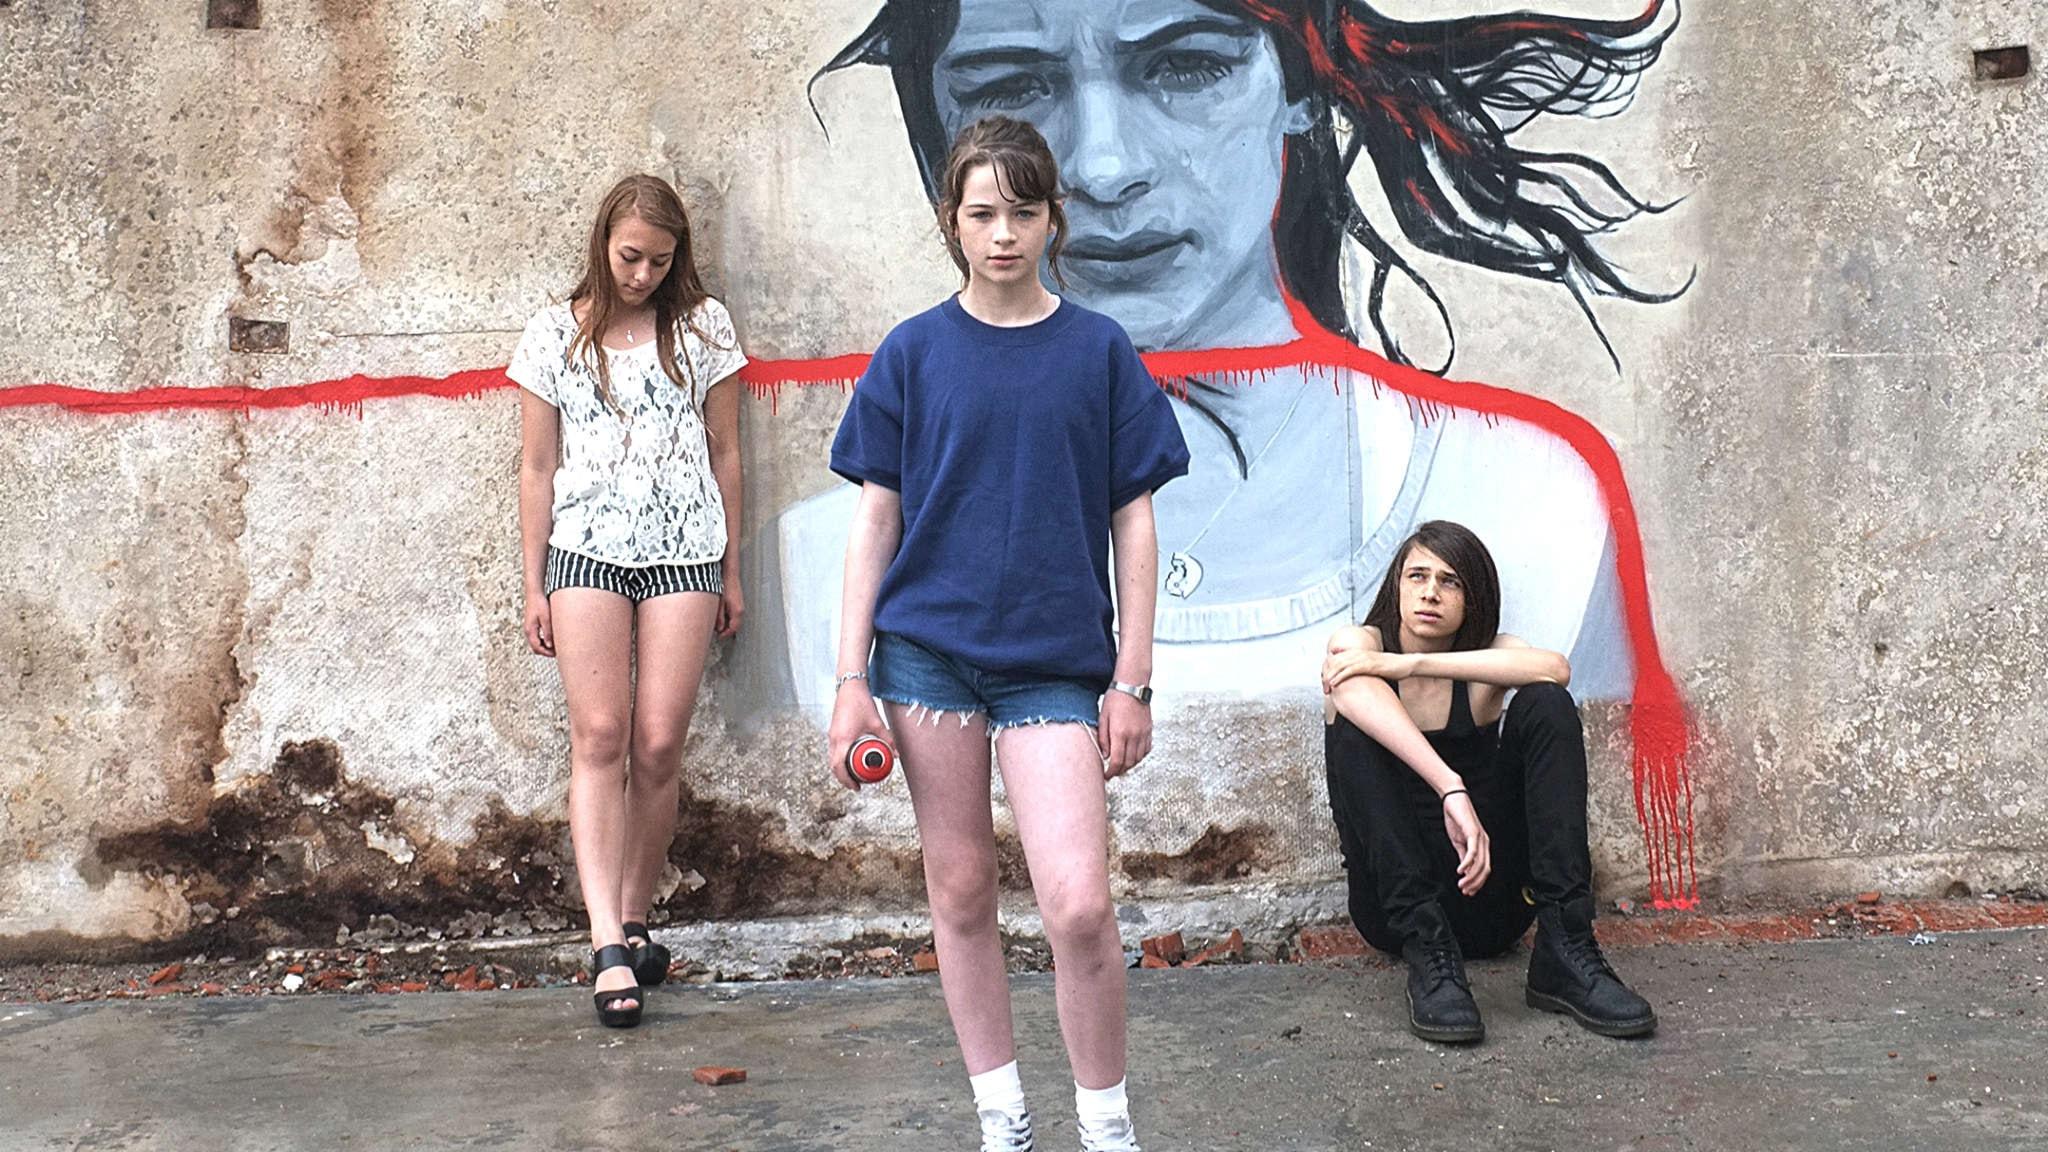 Mia, Mirjam och Karl i Det borde finnas regler i regi av Linda-Maria Birbeck.  Foto: BUFF